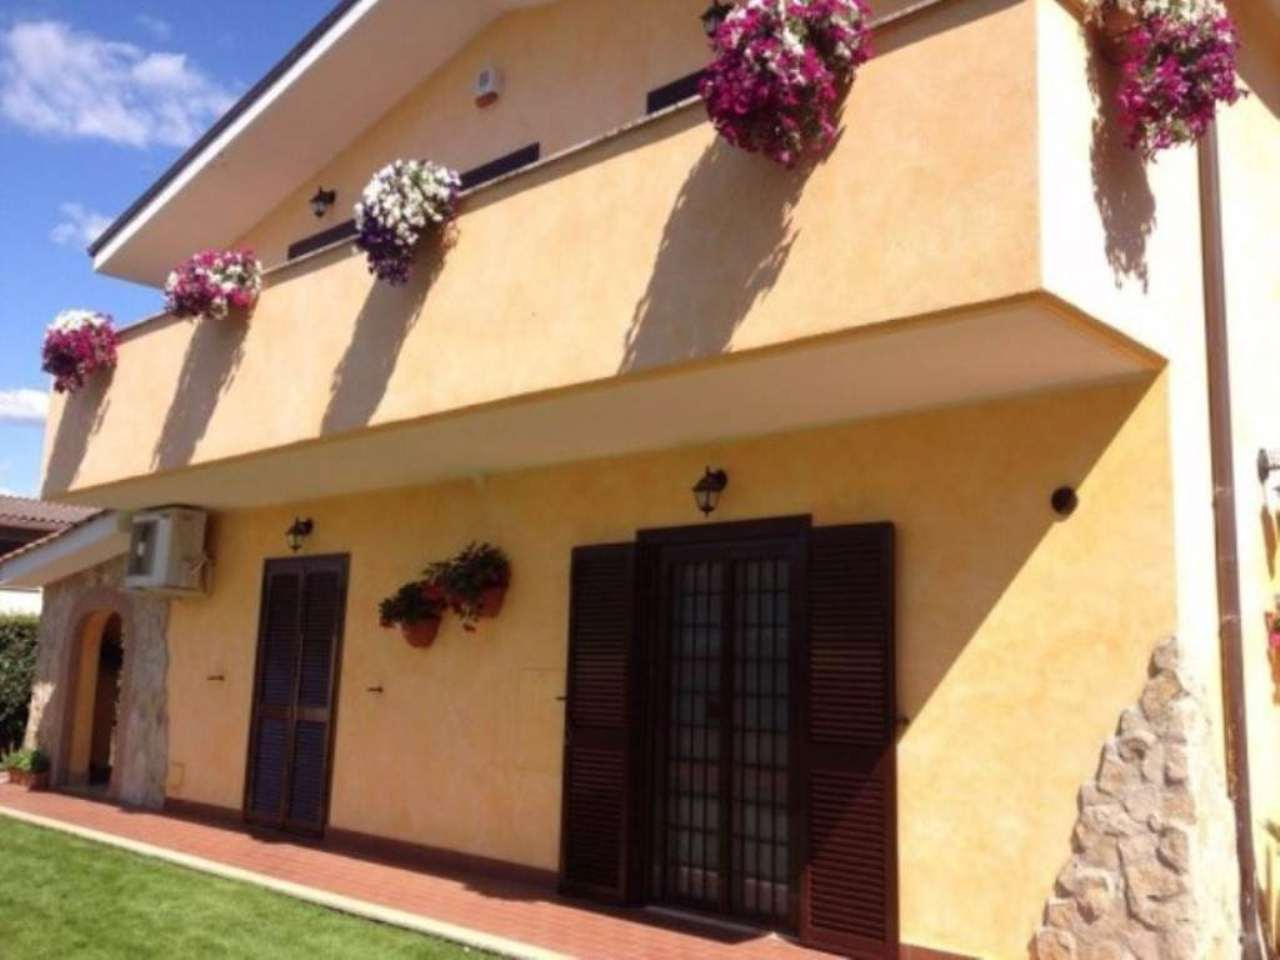 Villa in vendita a San Cesareo, 6 locali, prezzo € 229.000 | Cambio Casa.it